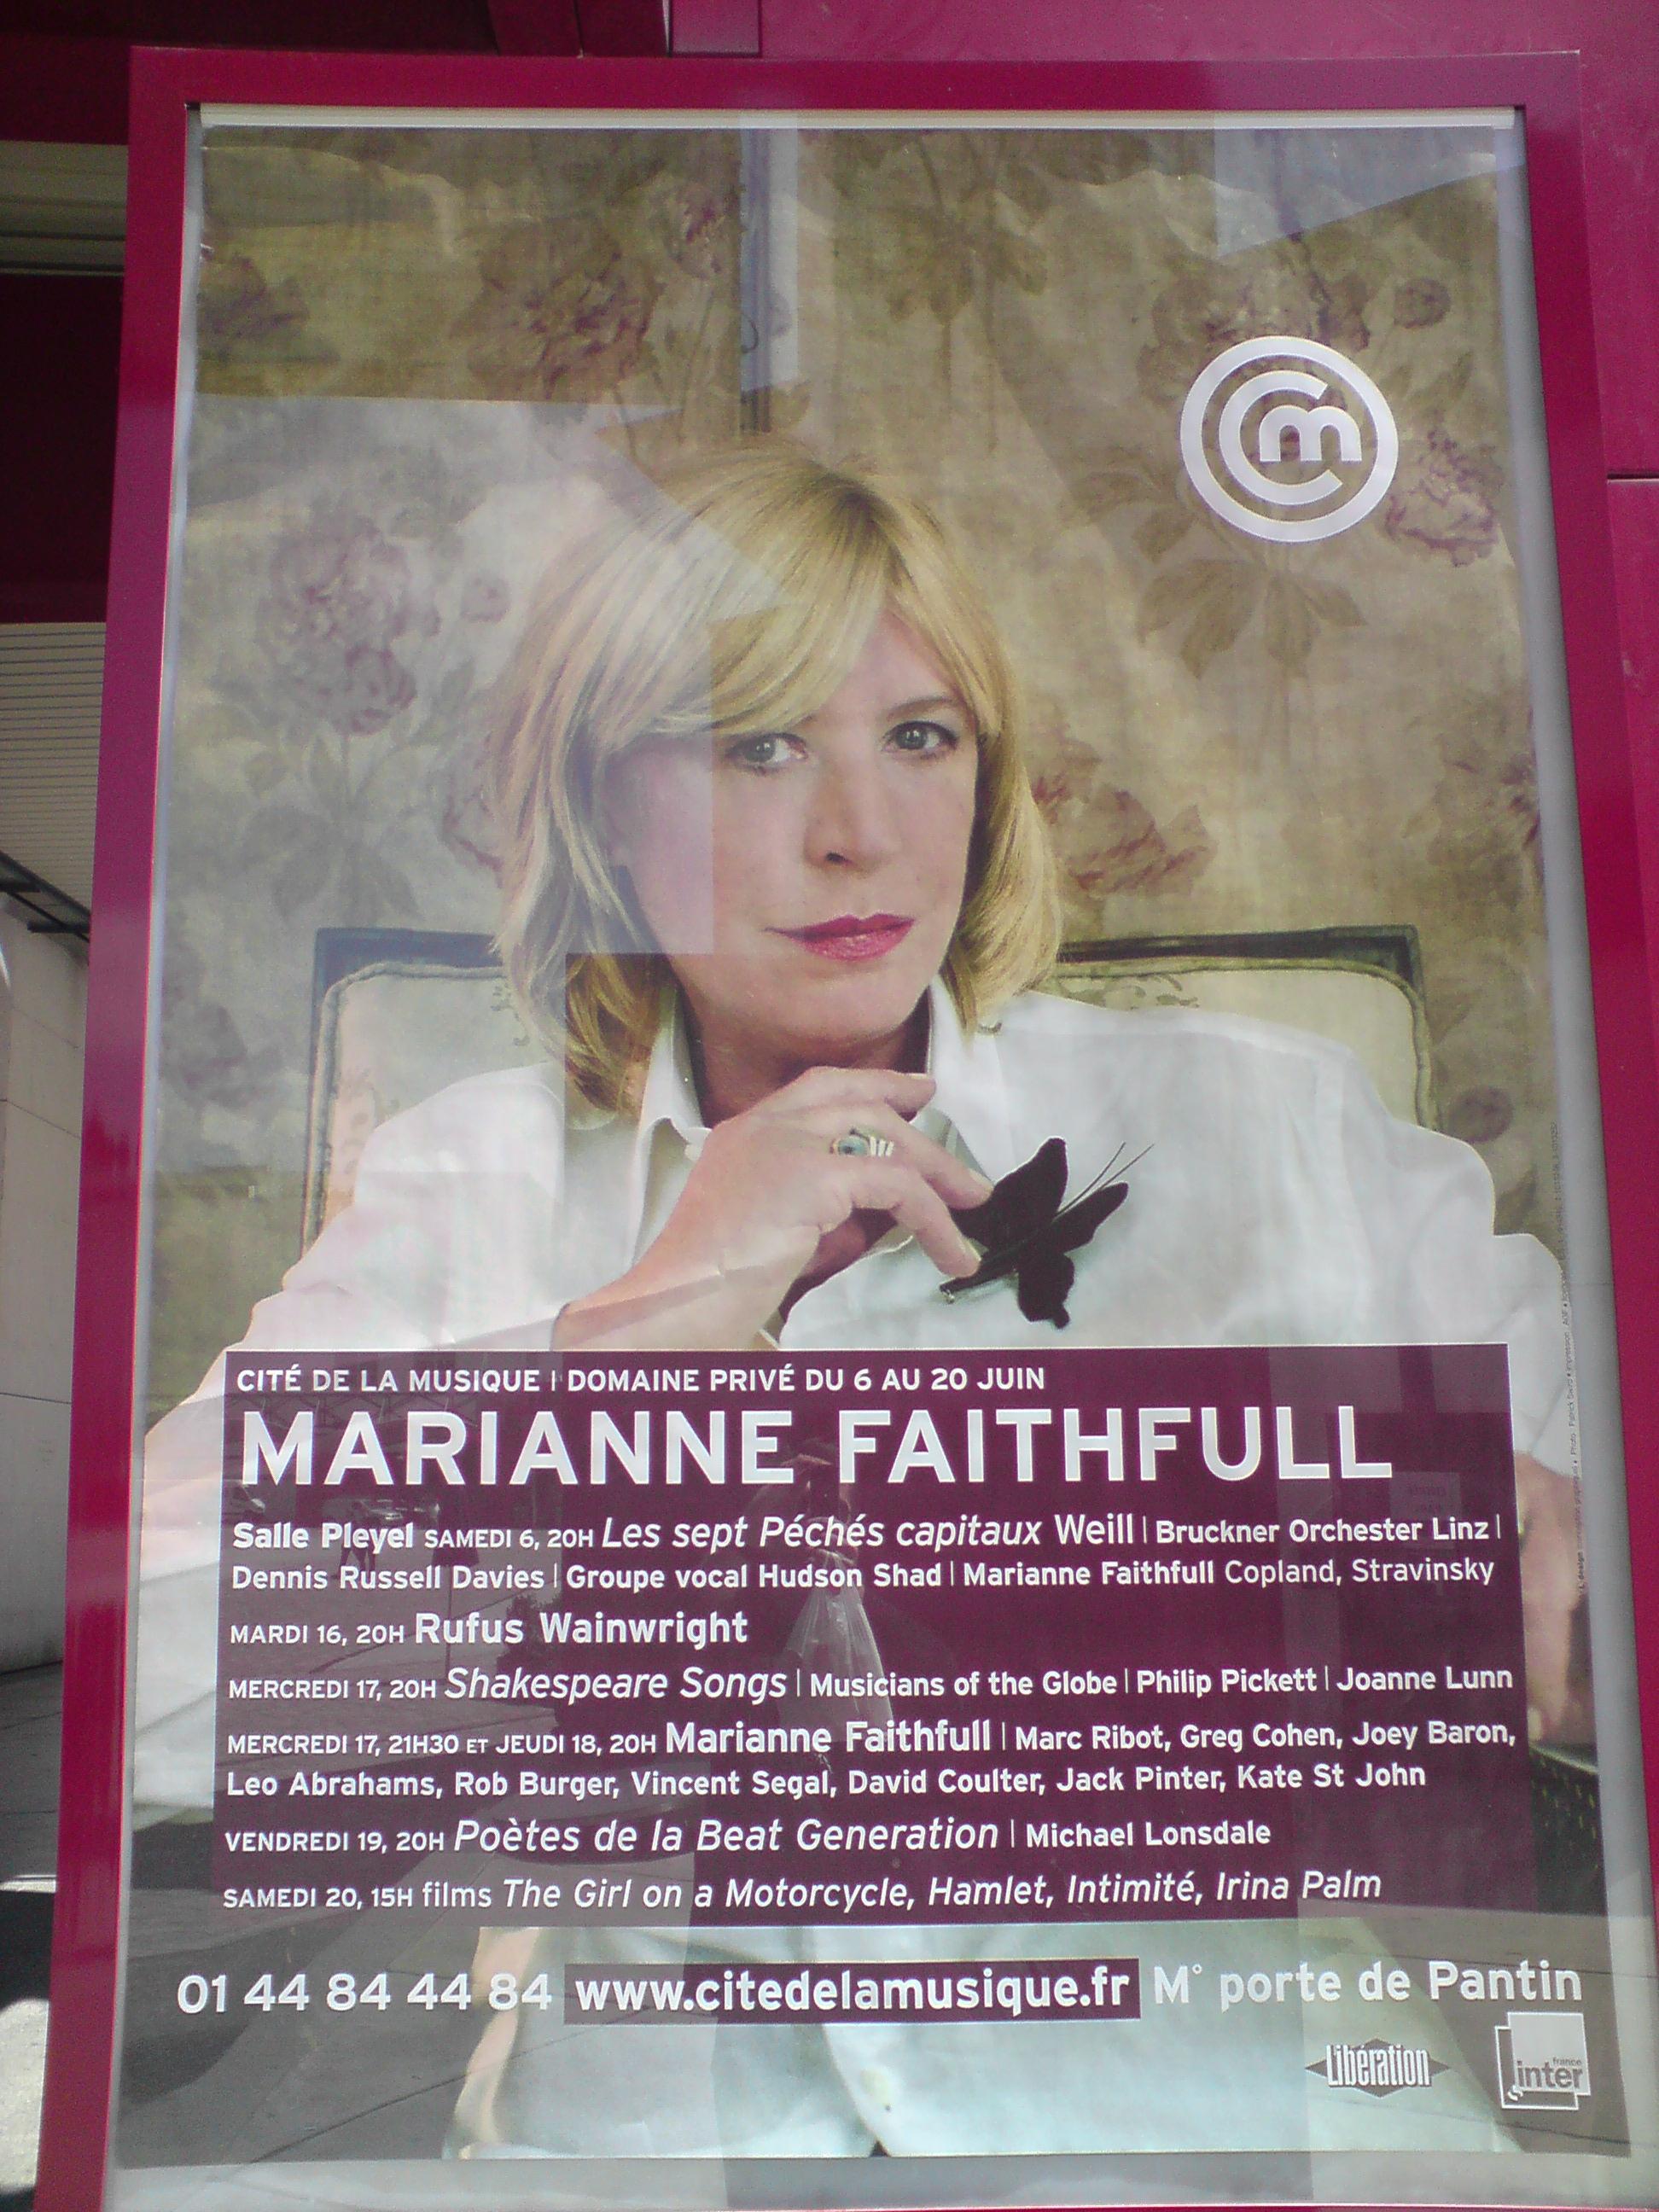 Poster for Marianne Faithfull Big Band gig, Cite de la Musique, Paris 2009